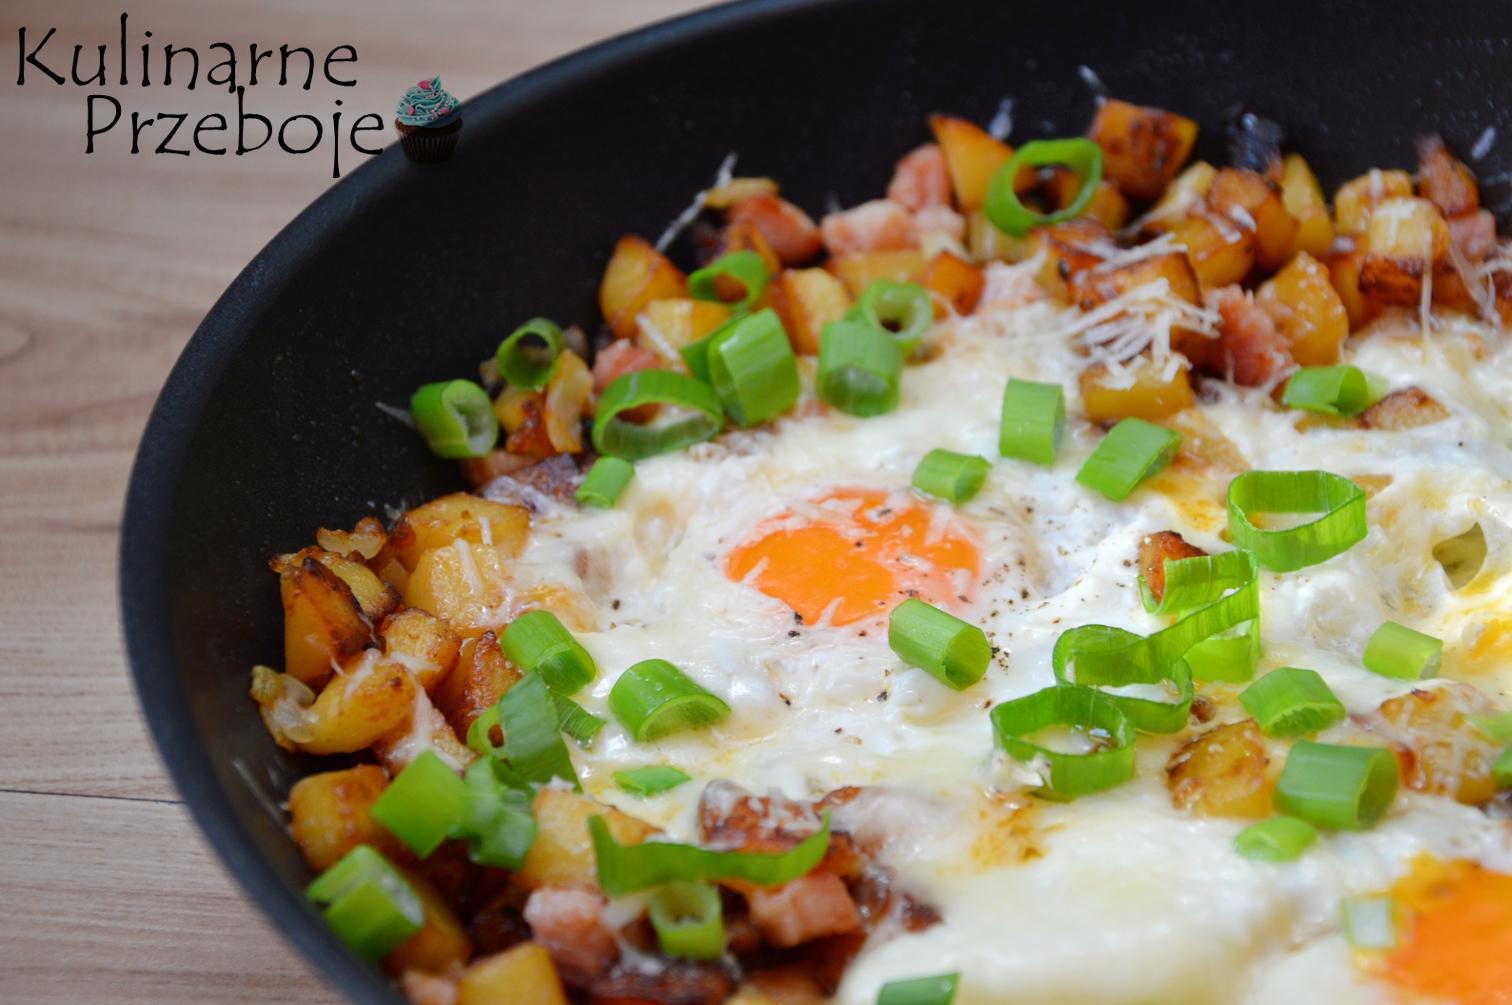 Jajka zapiekane w smażonych ziemniaczkach i boczku